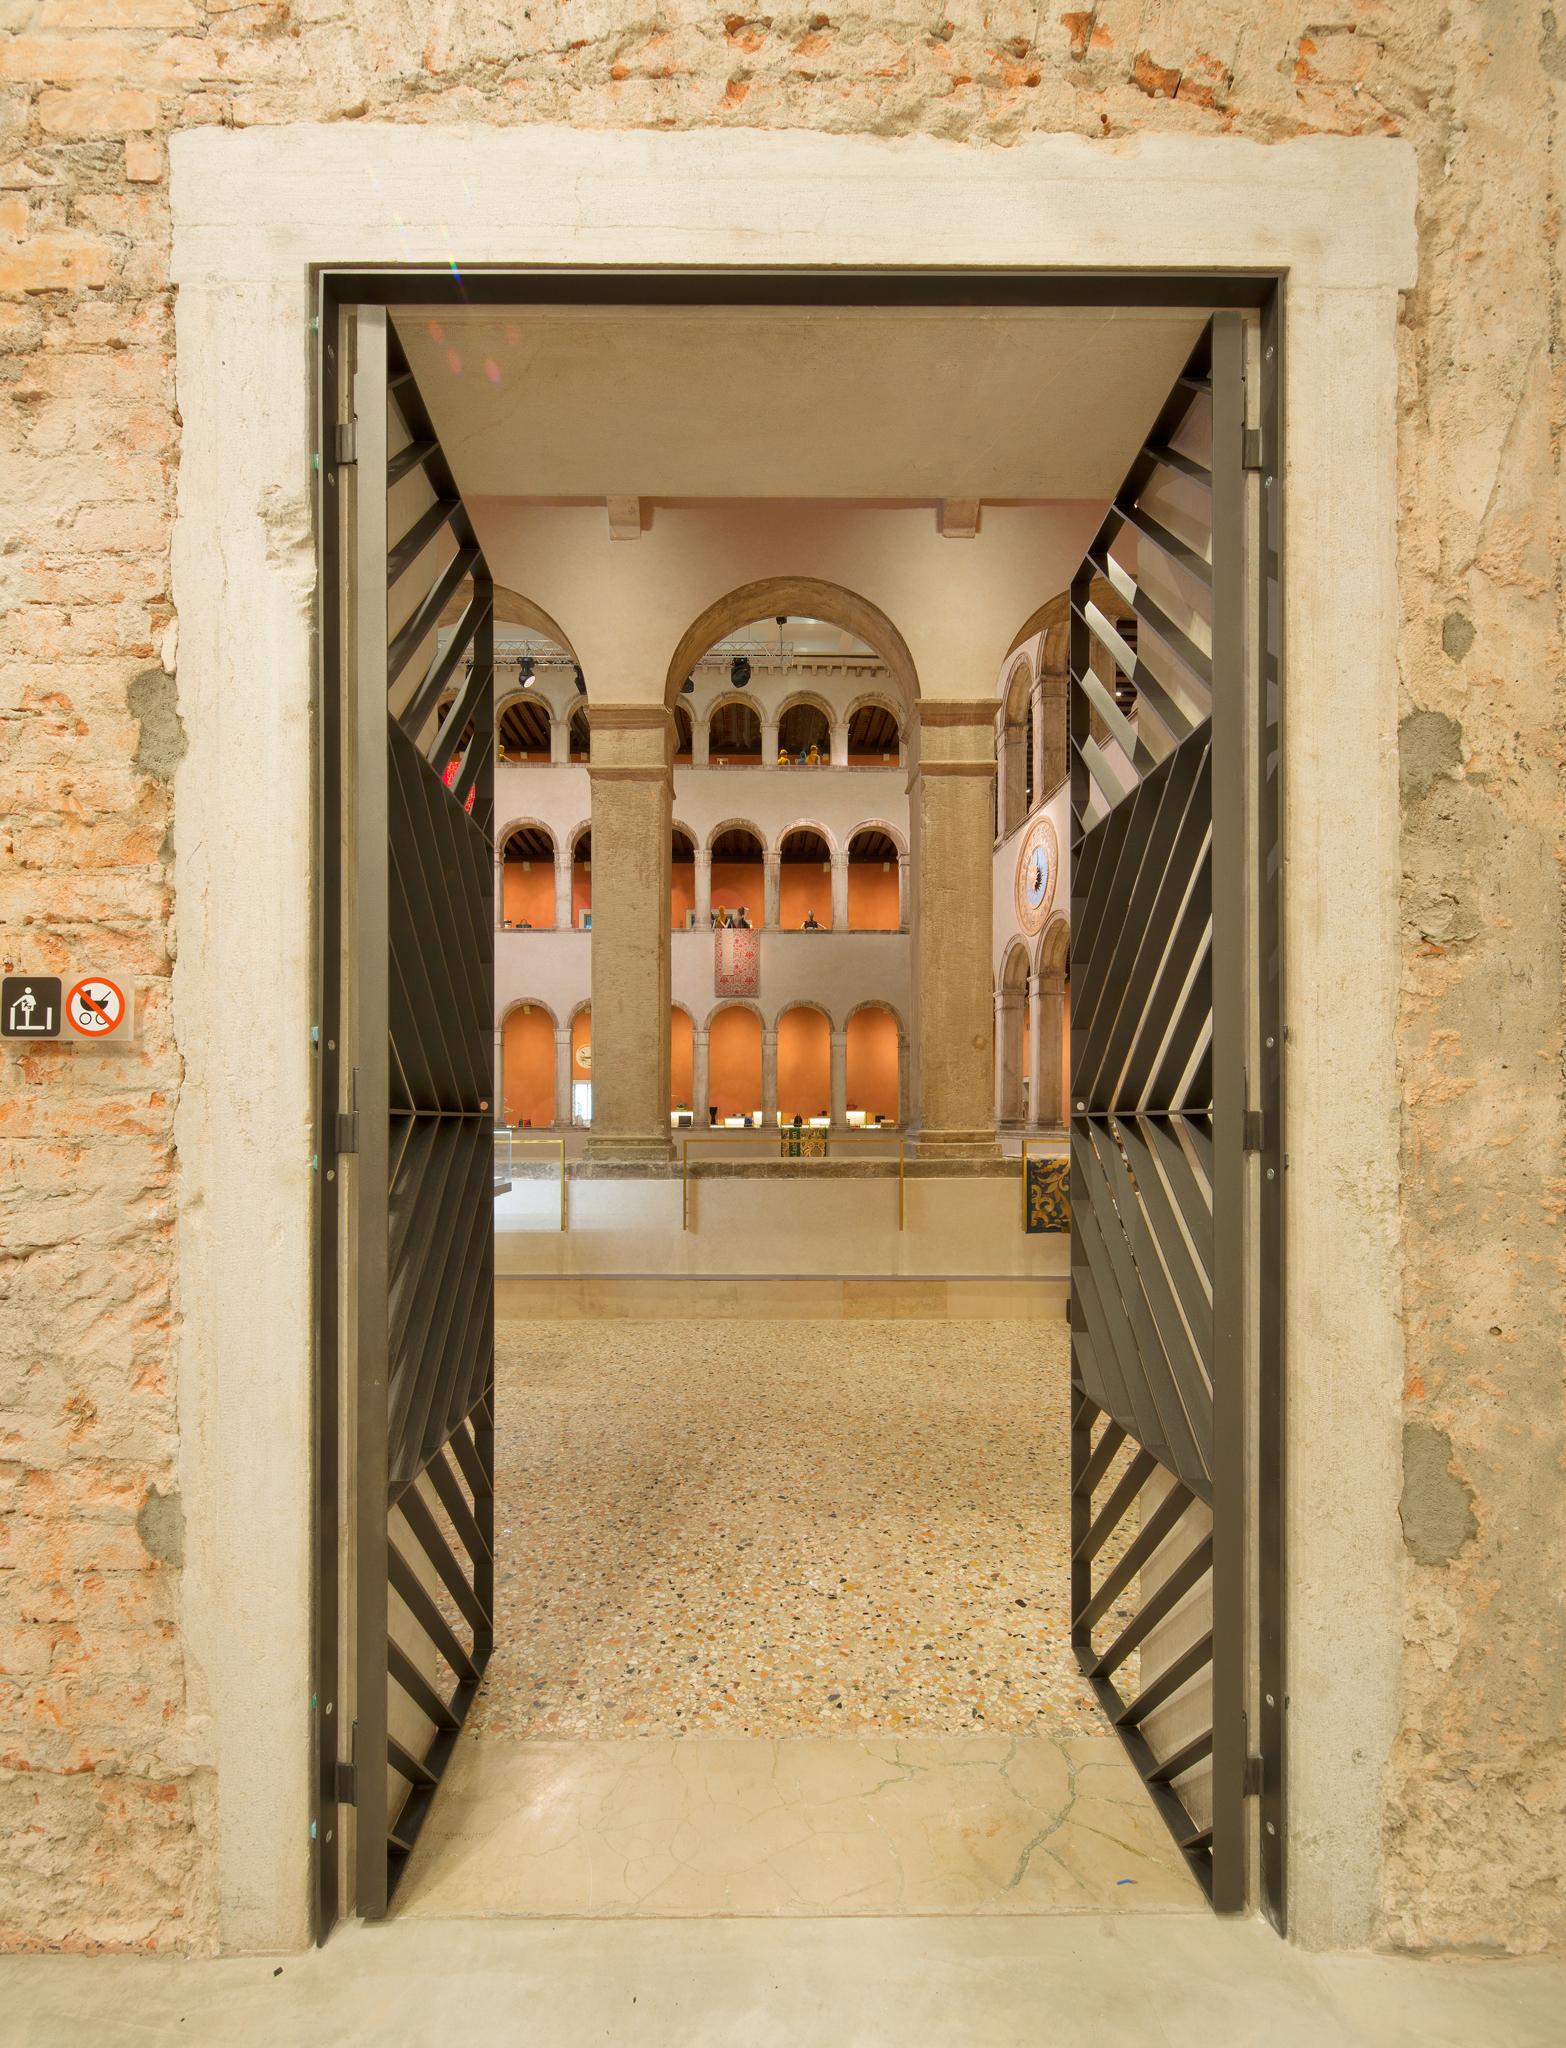 Inside the DFS  T Galleria Fondaco dei Tedeschi store in Venice.